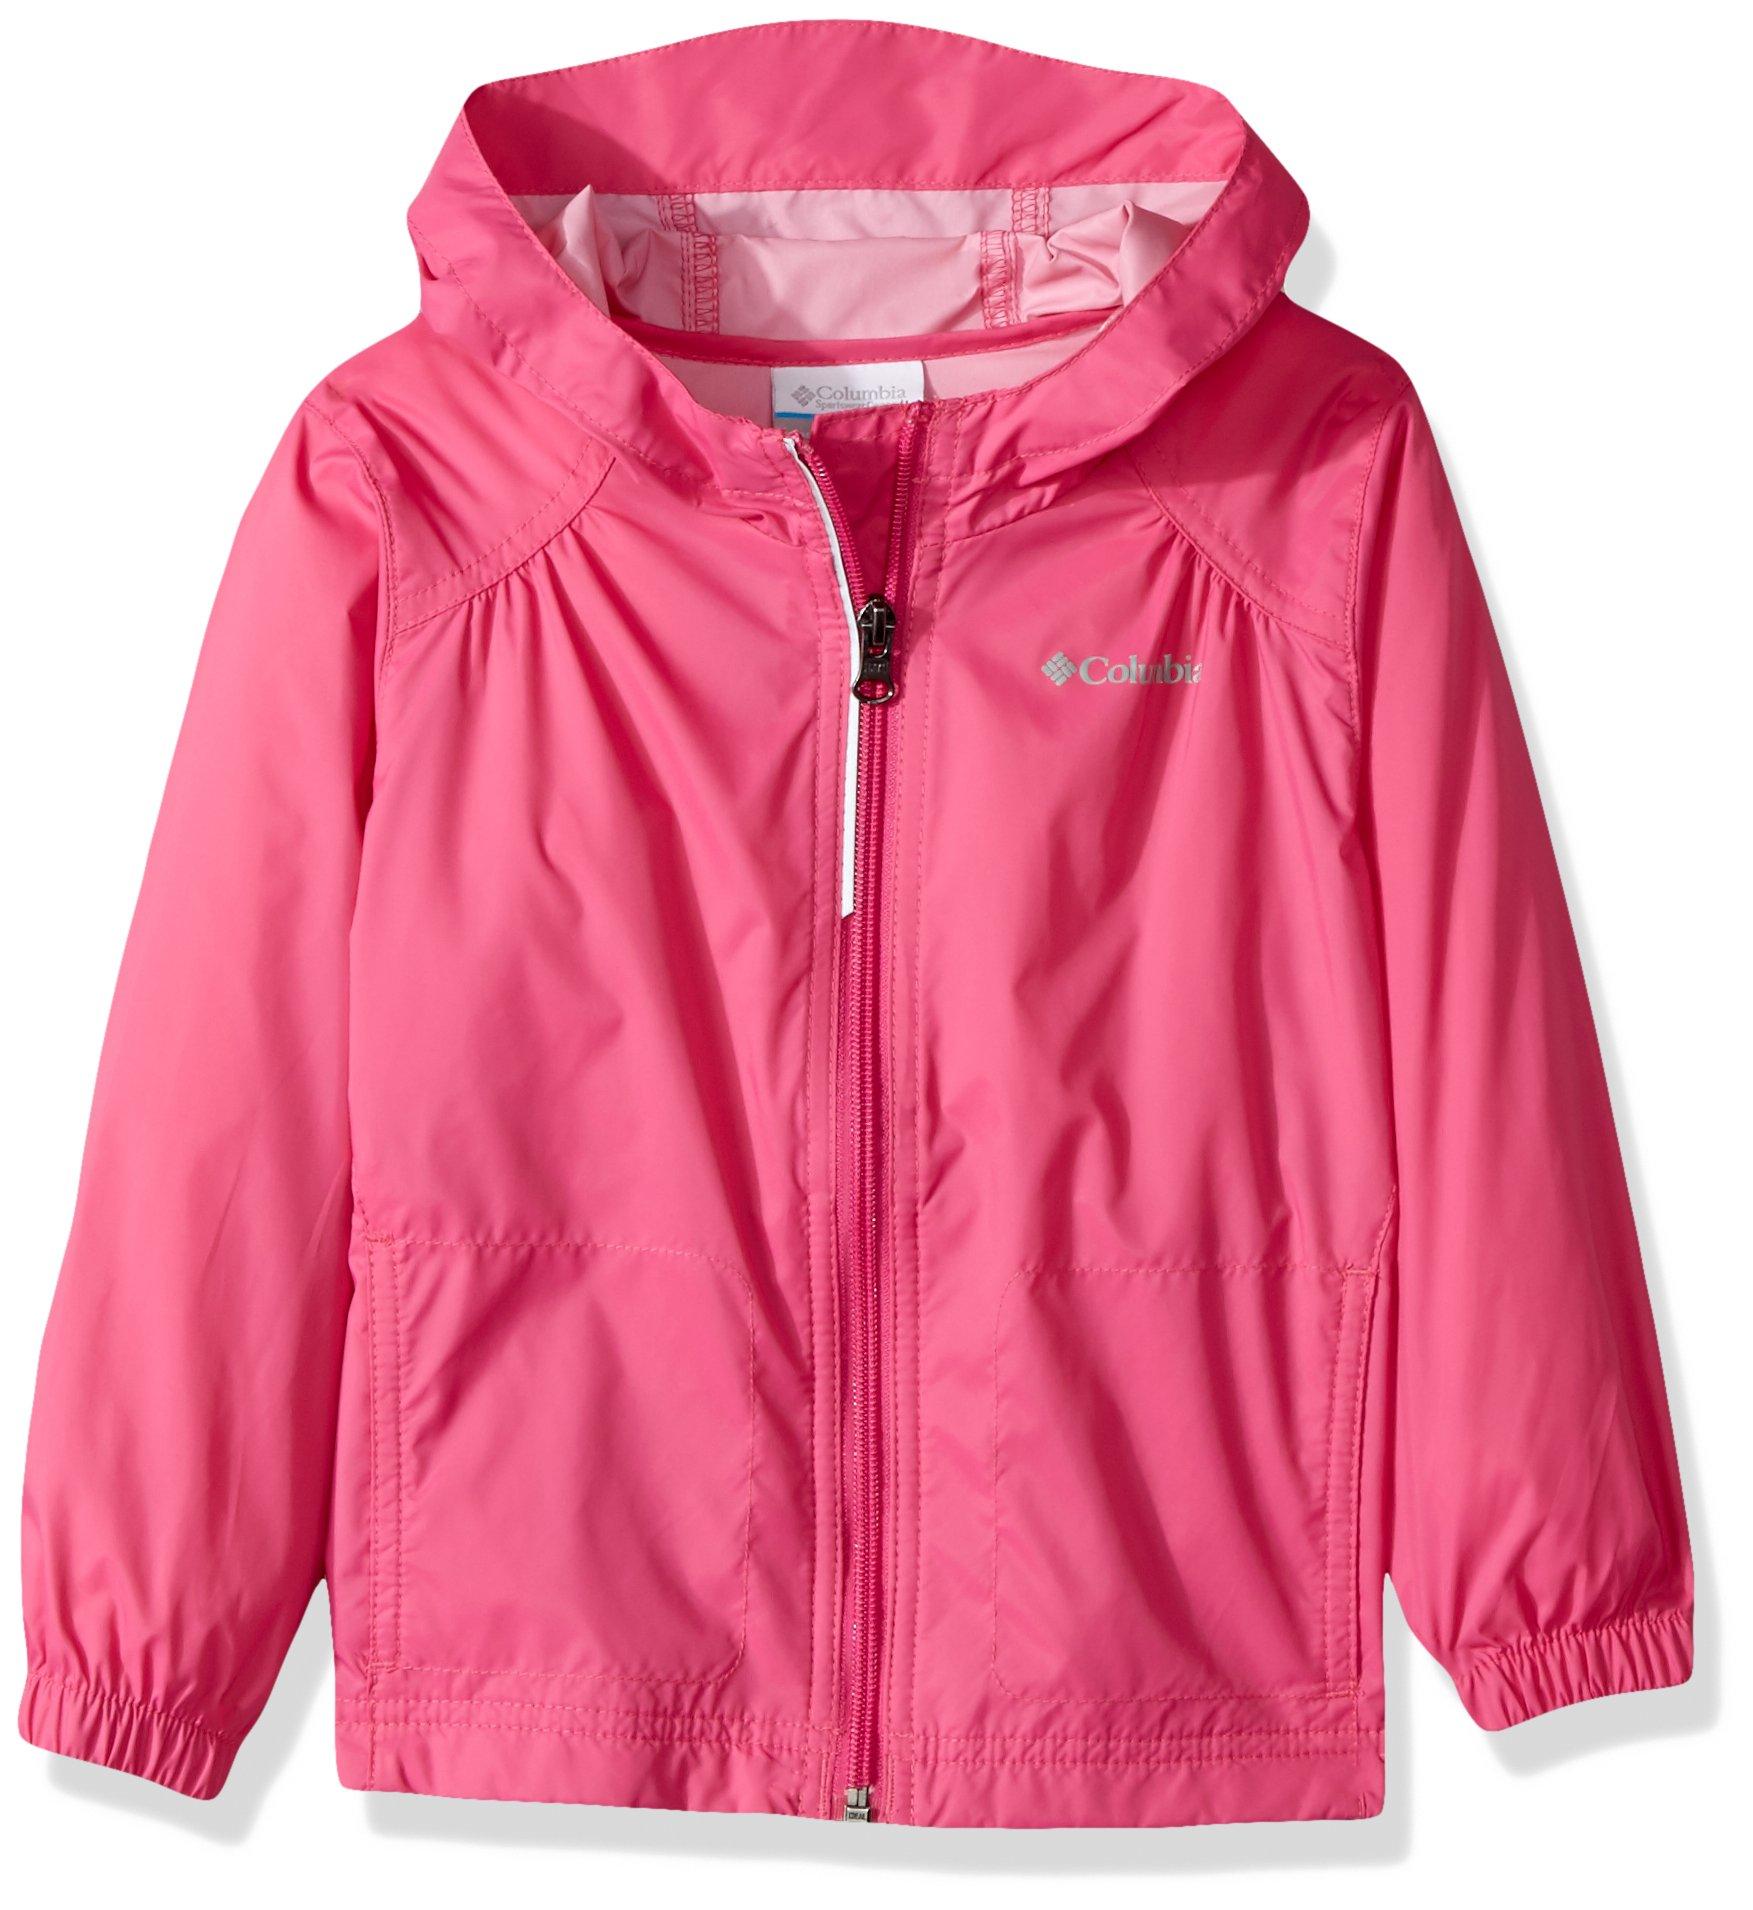 Columbia Big Girl's Switchback Rain Jacket, Pink Ice, M by Columbia